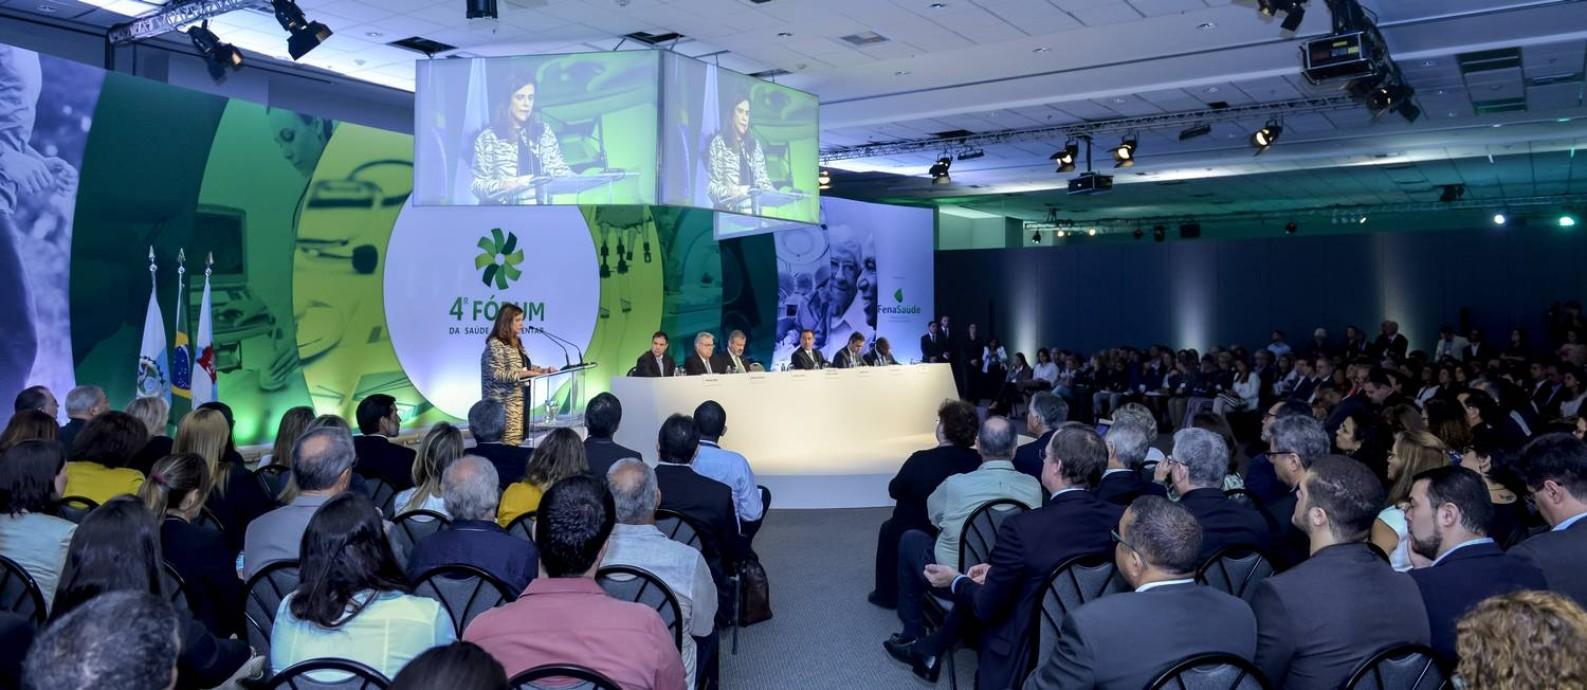 Evento teve como tema 'O desafio da eficiência em Saúde: um debate inclusivo' Foto: Fabio Cordeiro